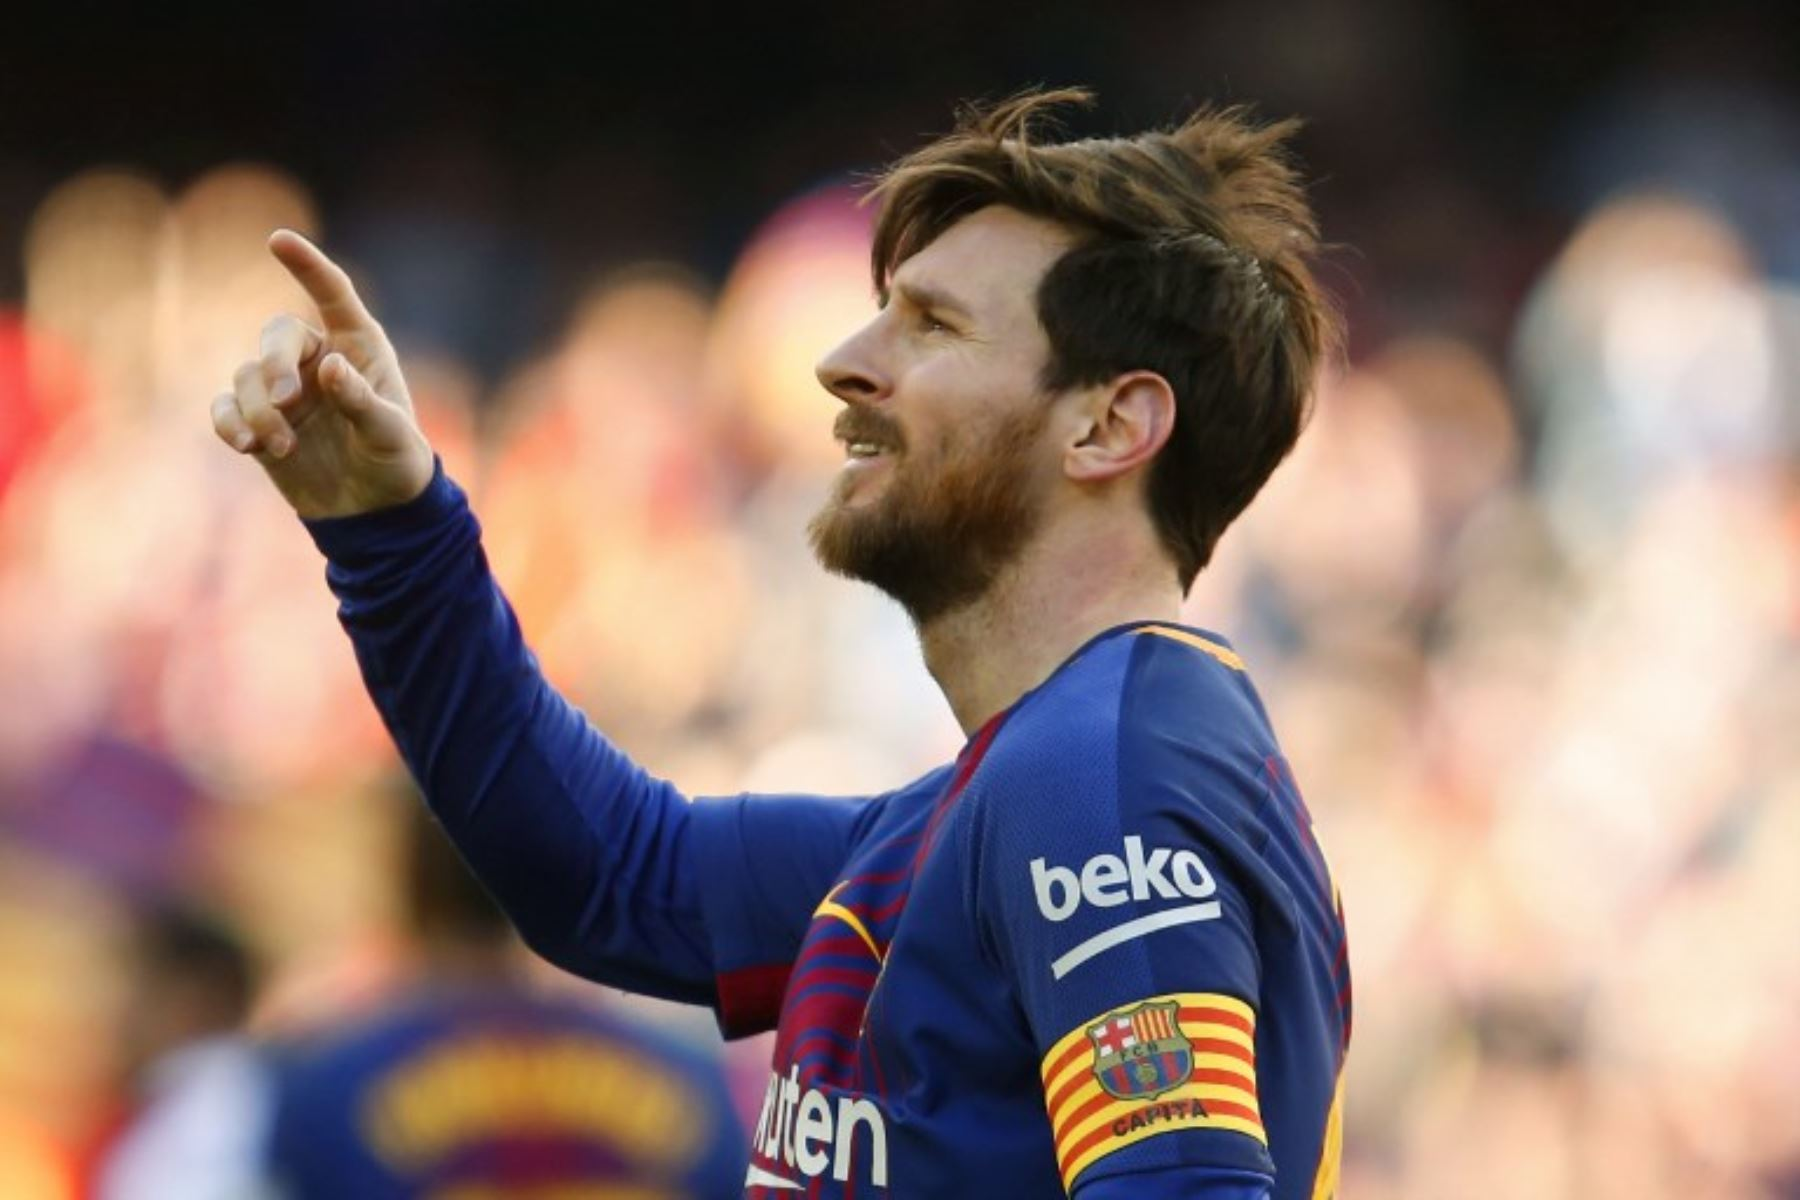 Lionel Messi celebra después de anotar durante el partido de fútbol de la Liga española, contra el Athletic Club Bilbao en el estadio Camp Nou de Barcelona.Foto:AFP